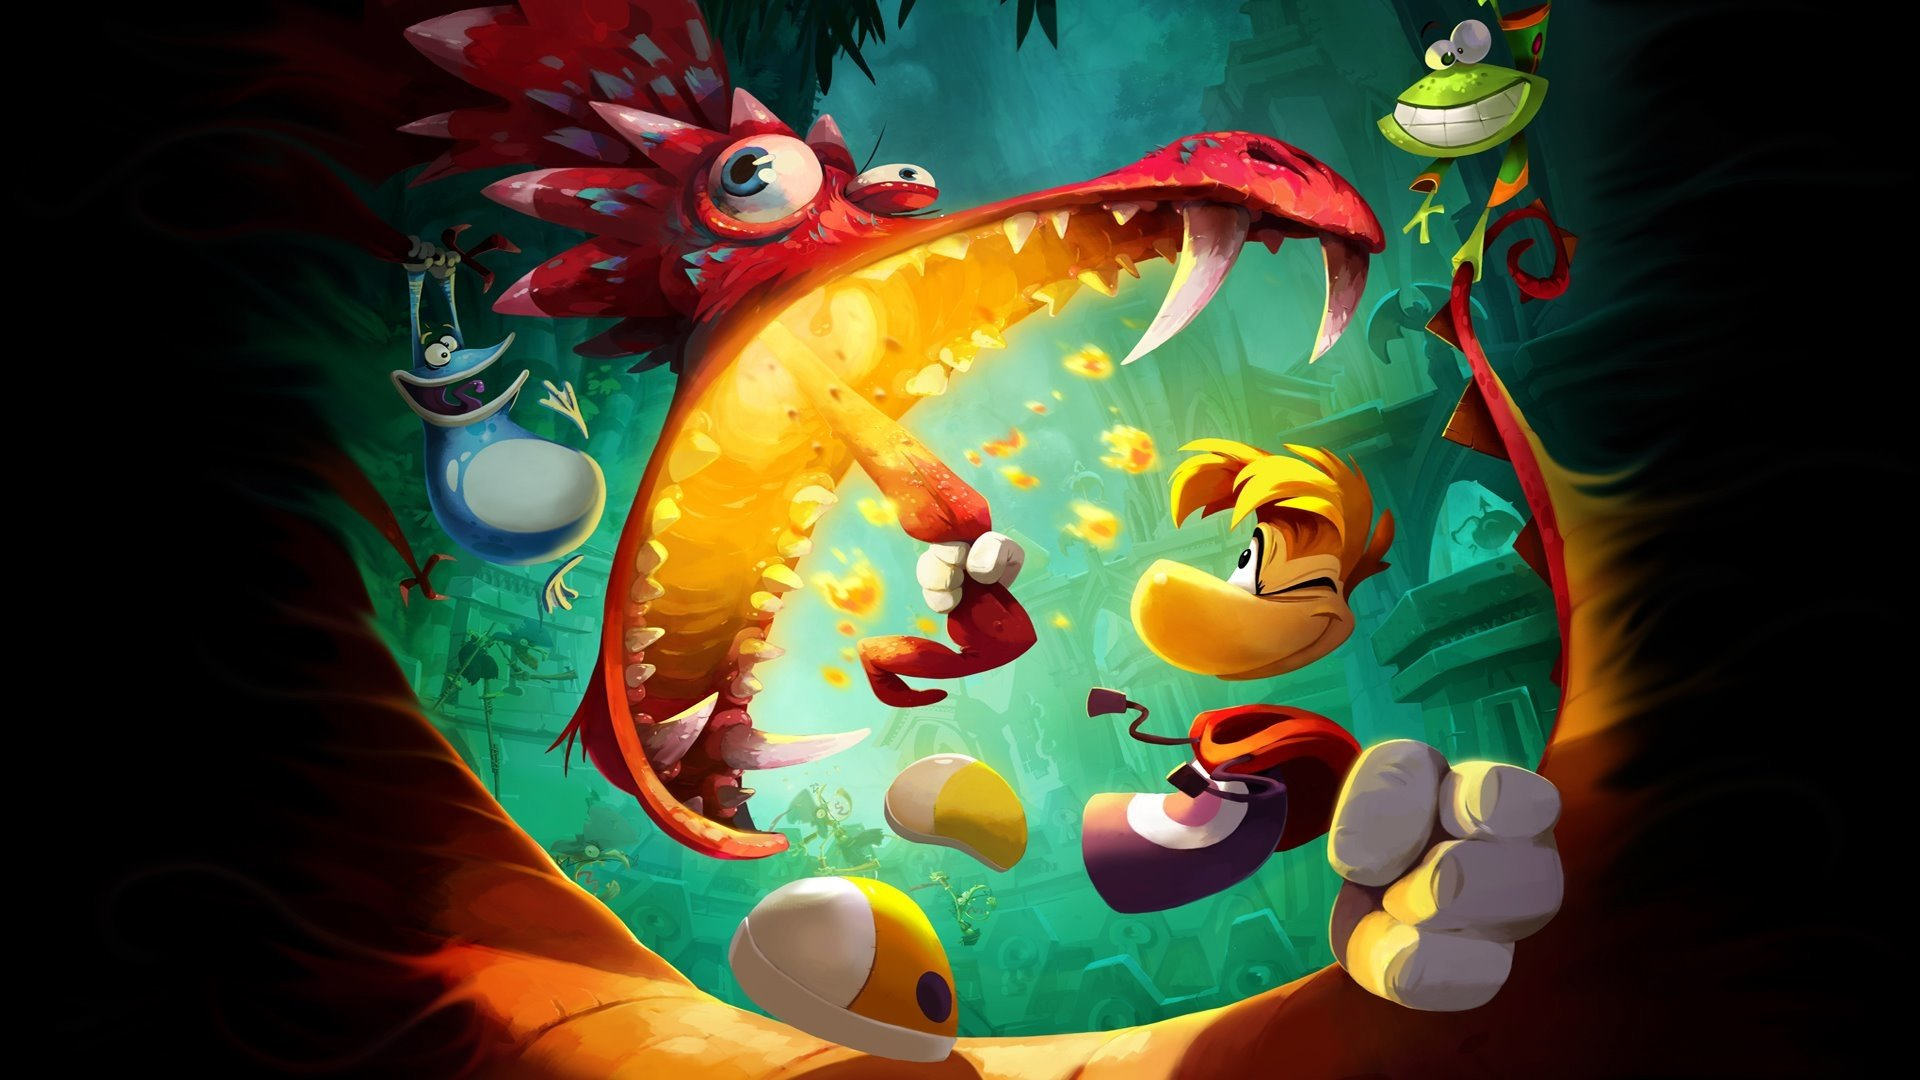 Image result for rayman legends wallpaper